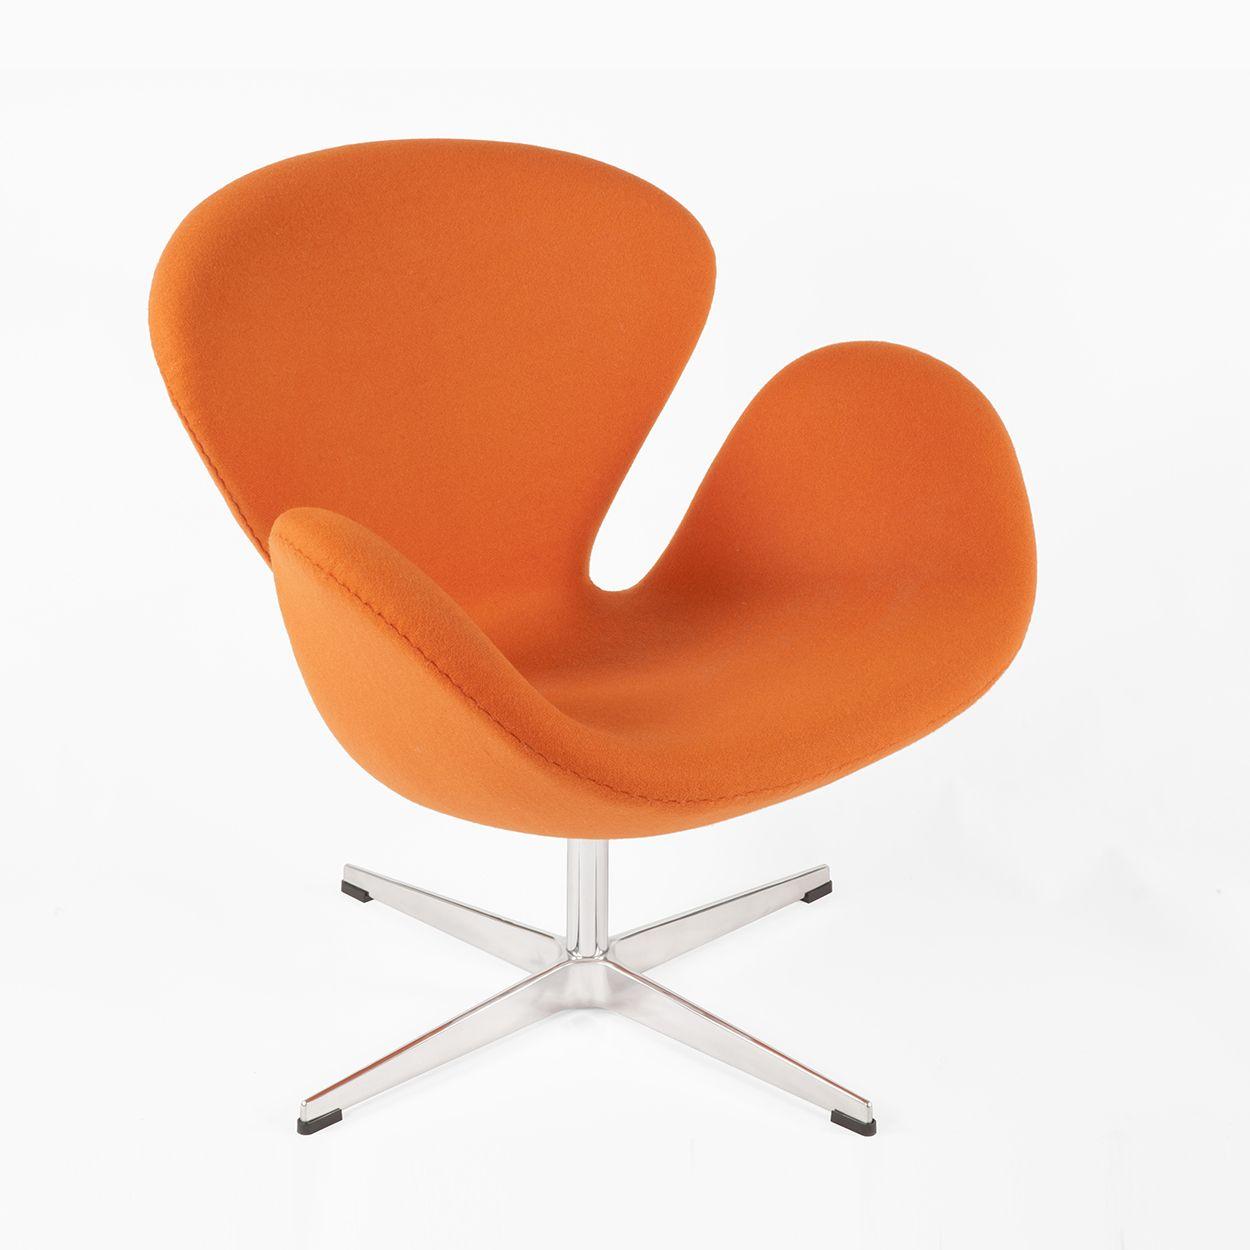 Groovy The Swan Chair Light Orange Hues Swan Chair Egg Chair Machost Co Dining Chair Design Ideas Machostcouk